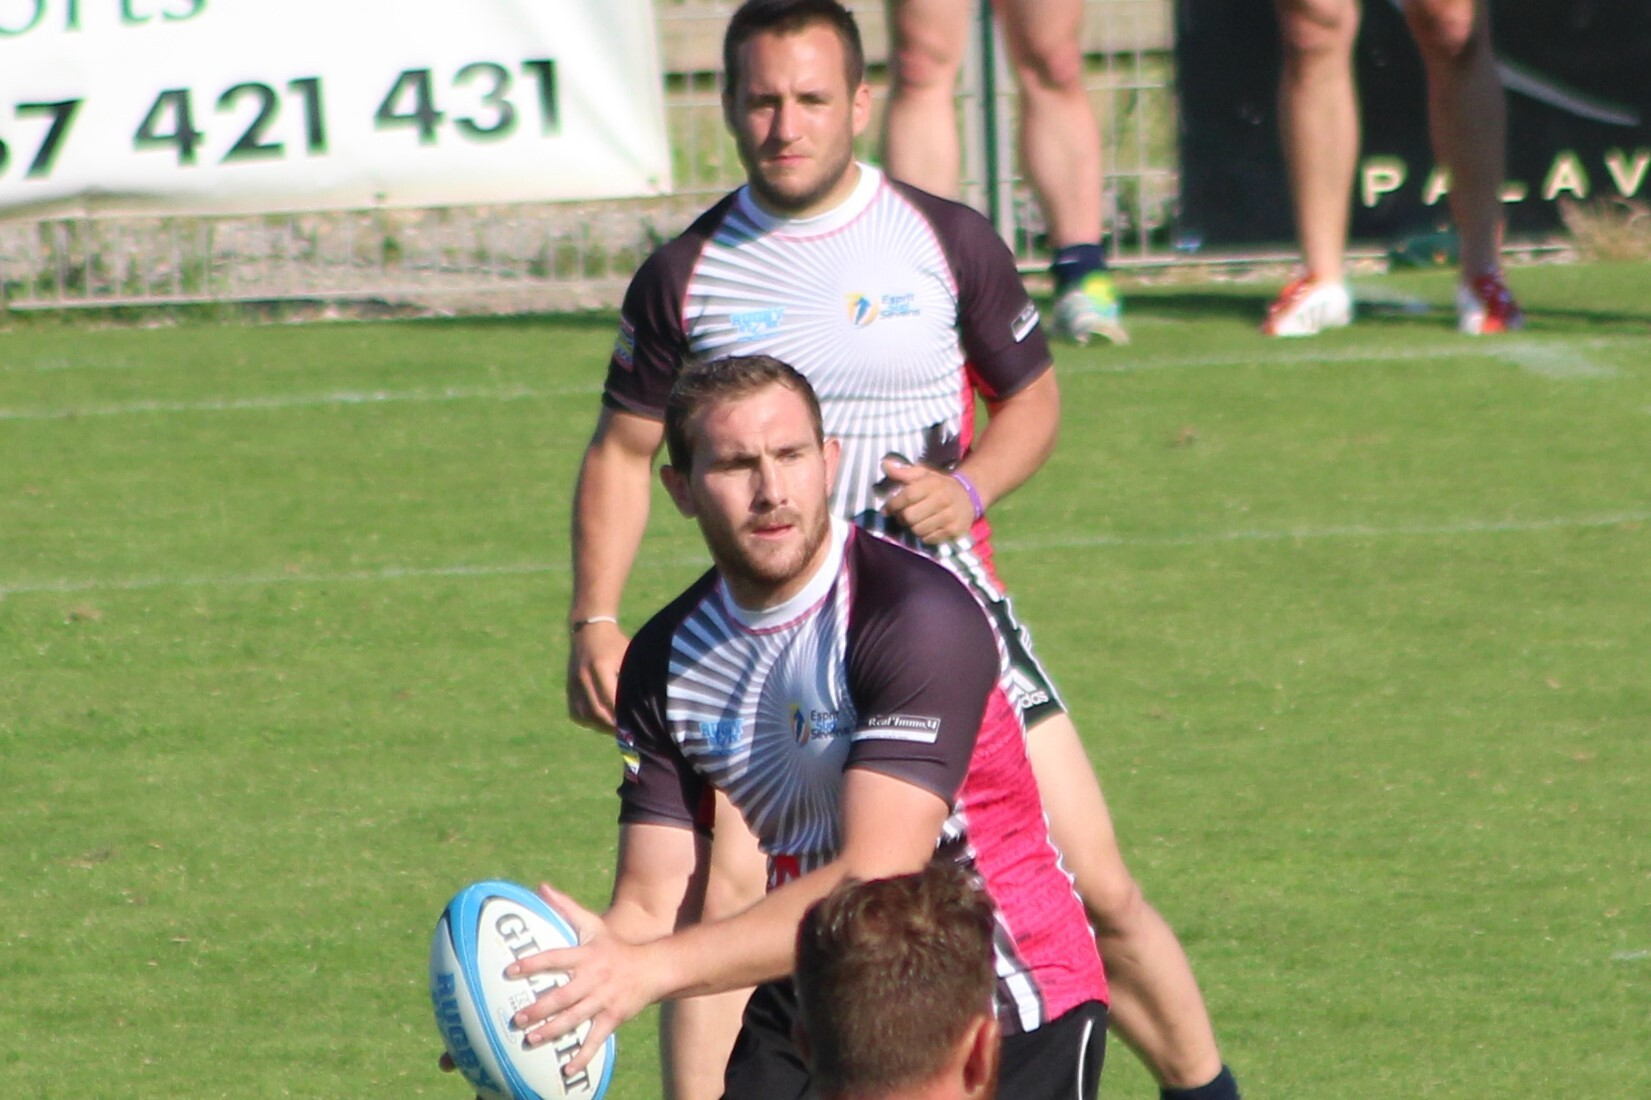 Maxime Castell, directeur général de l'association de rugby à 7, Esprit Sud Sevens qui aidera à encadrer le Sevens Summer Camp.